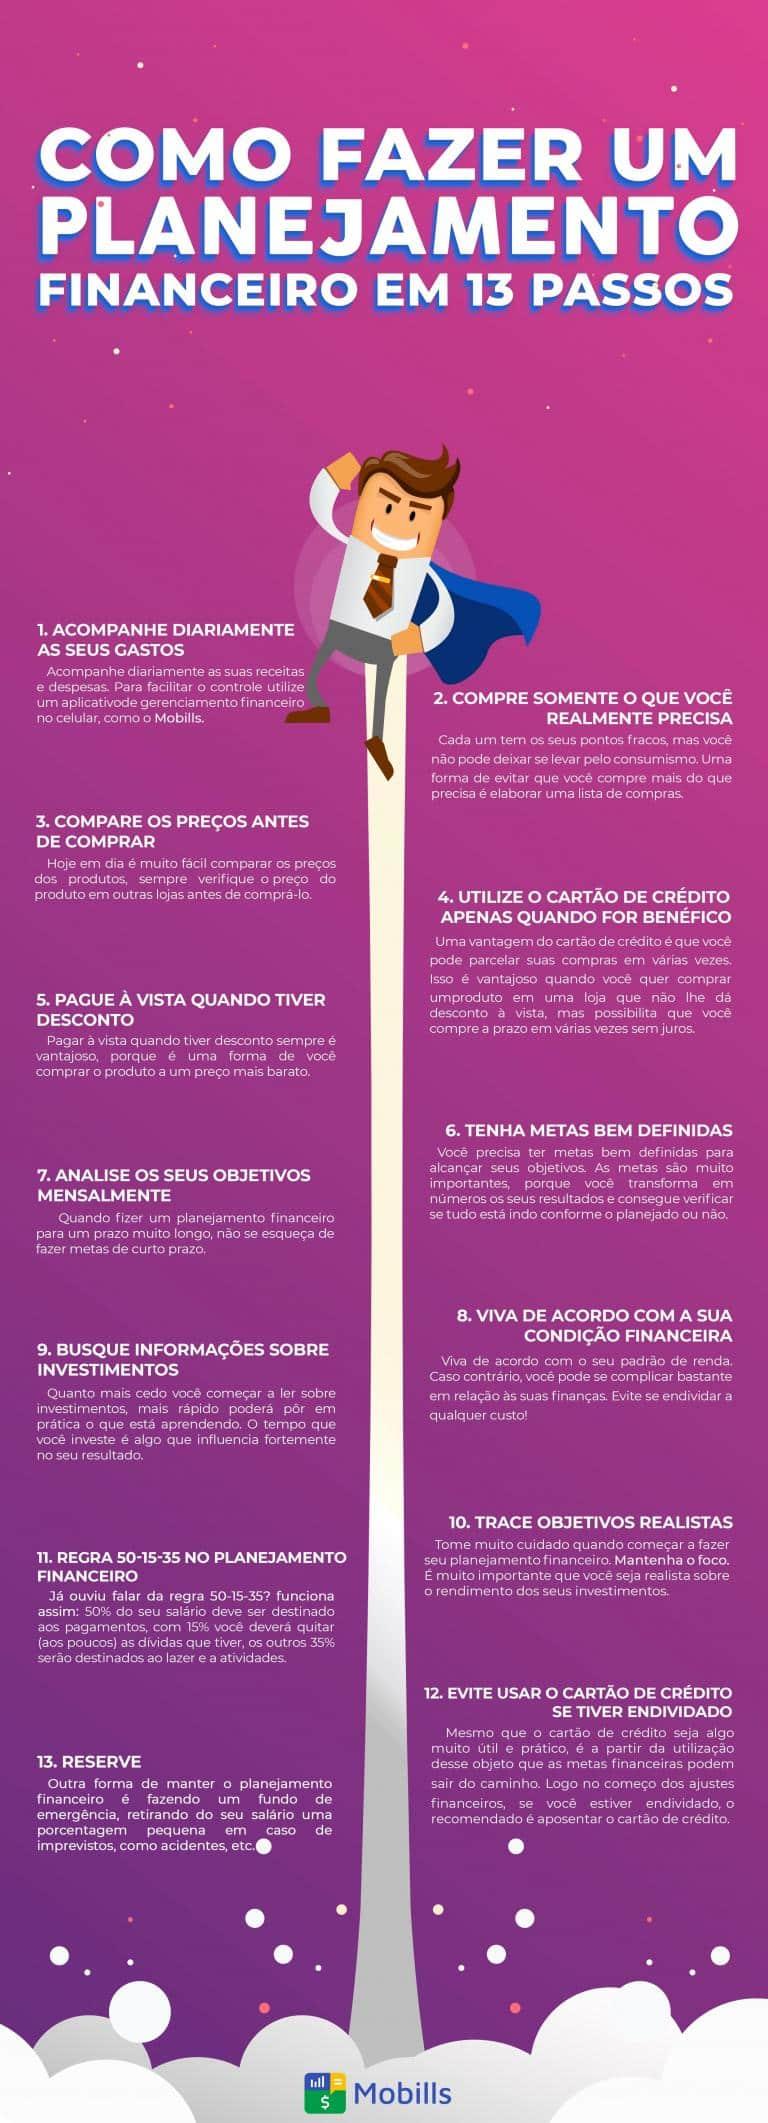 Infográfico sobre  Planejamento Financeiro